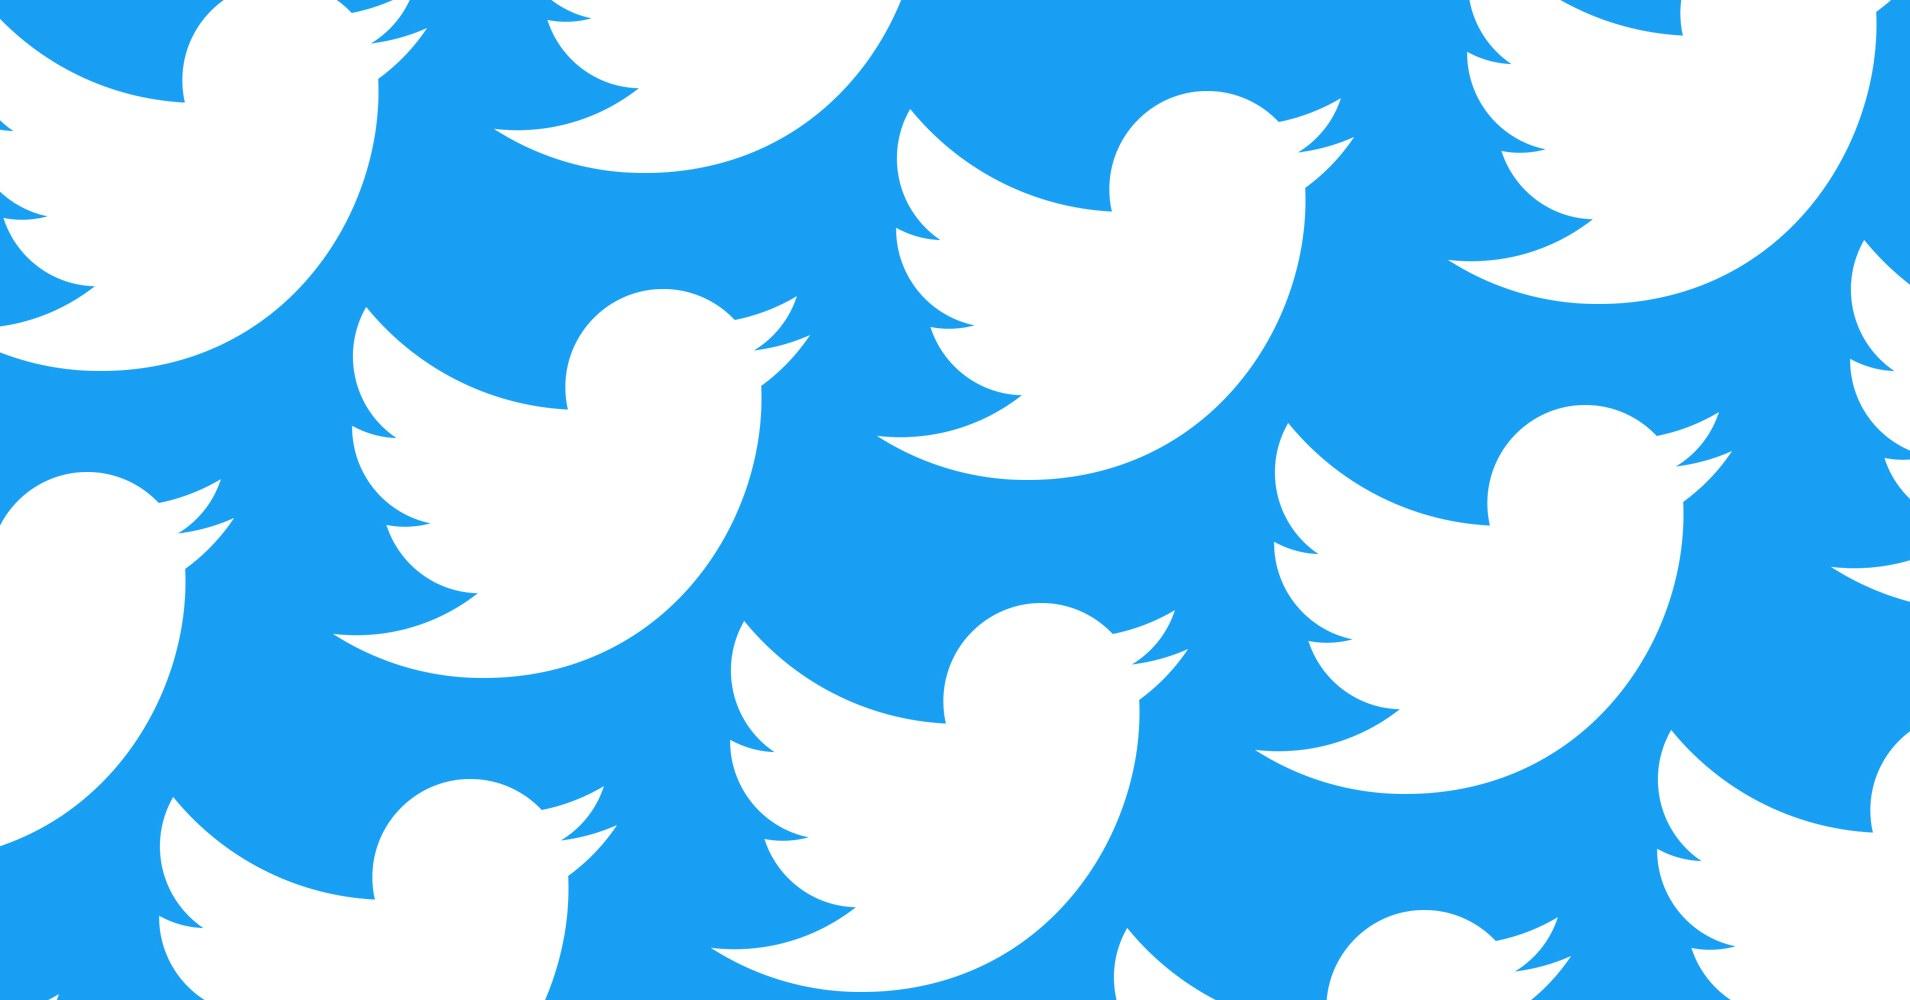 С Associated Press и Reuters: Twitter будет бороться с фейками - Фото 1